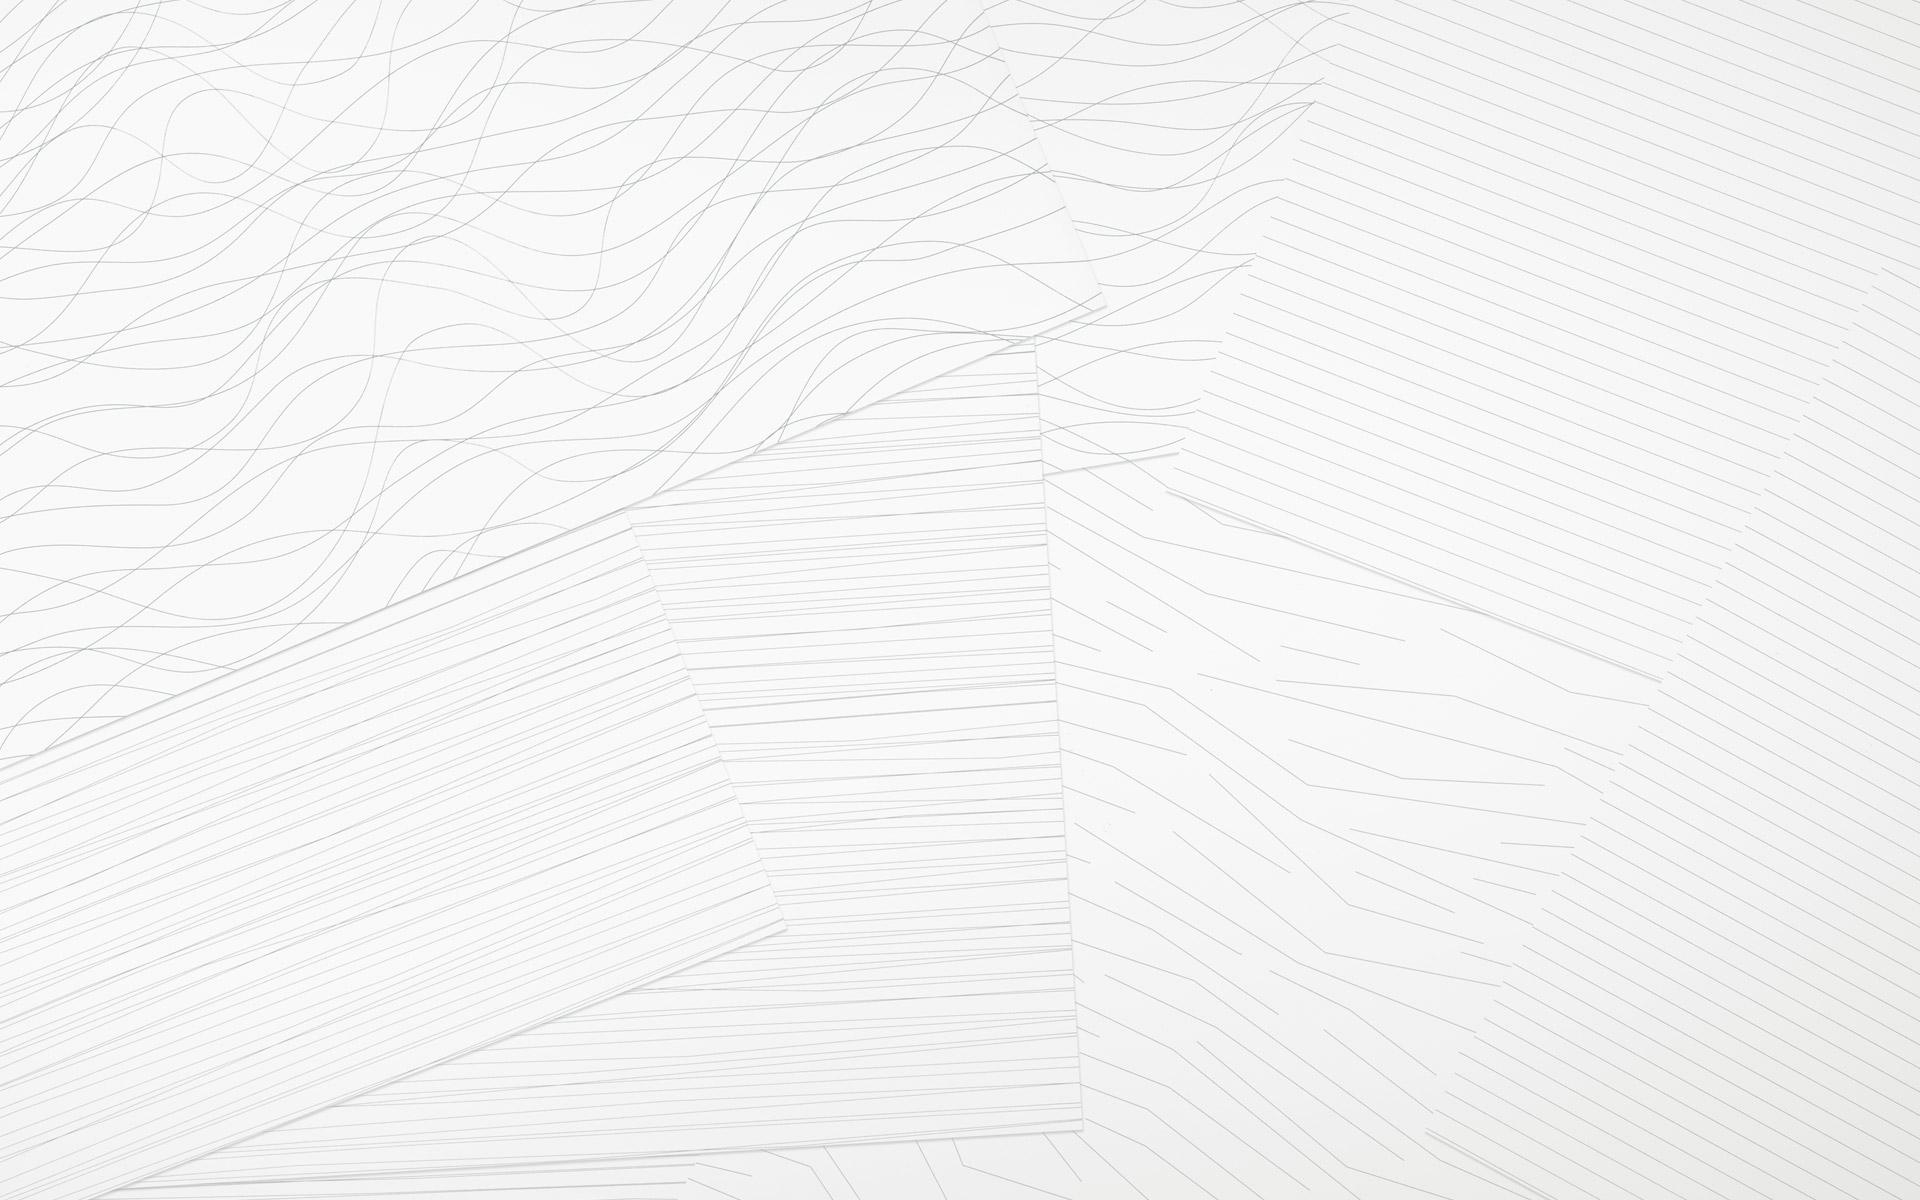 20150102-PaulLabreque-1.jpg